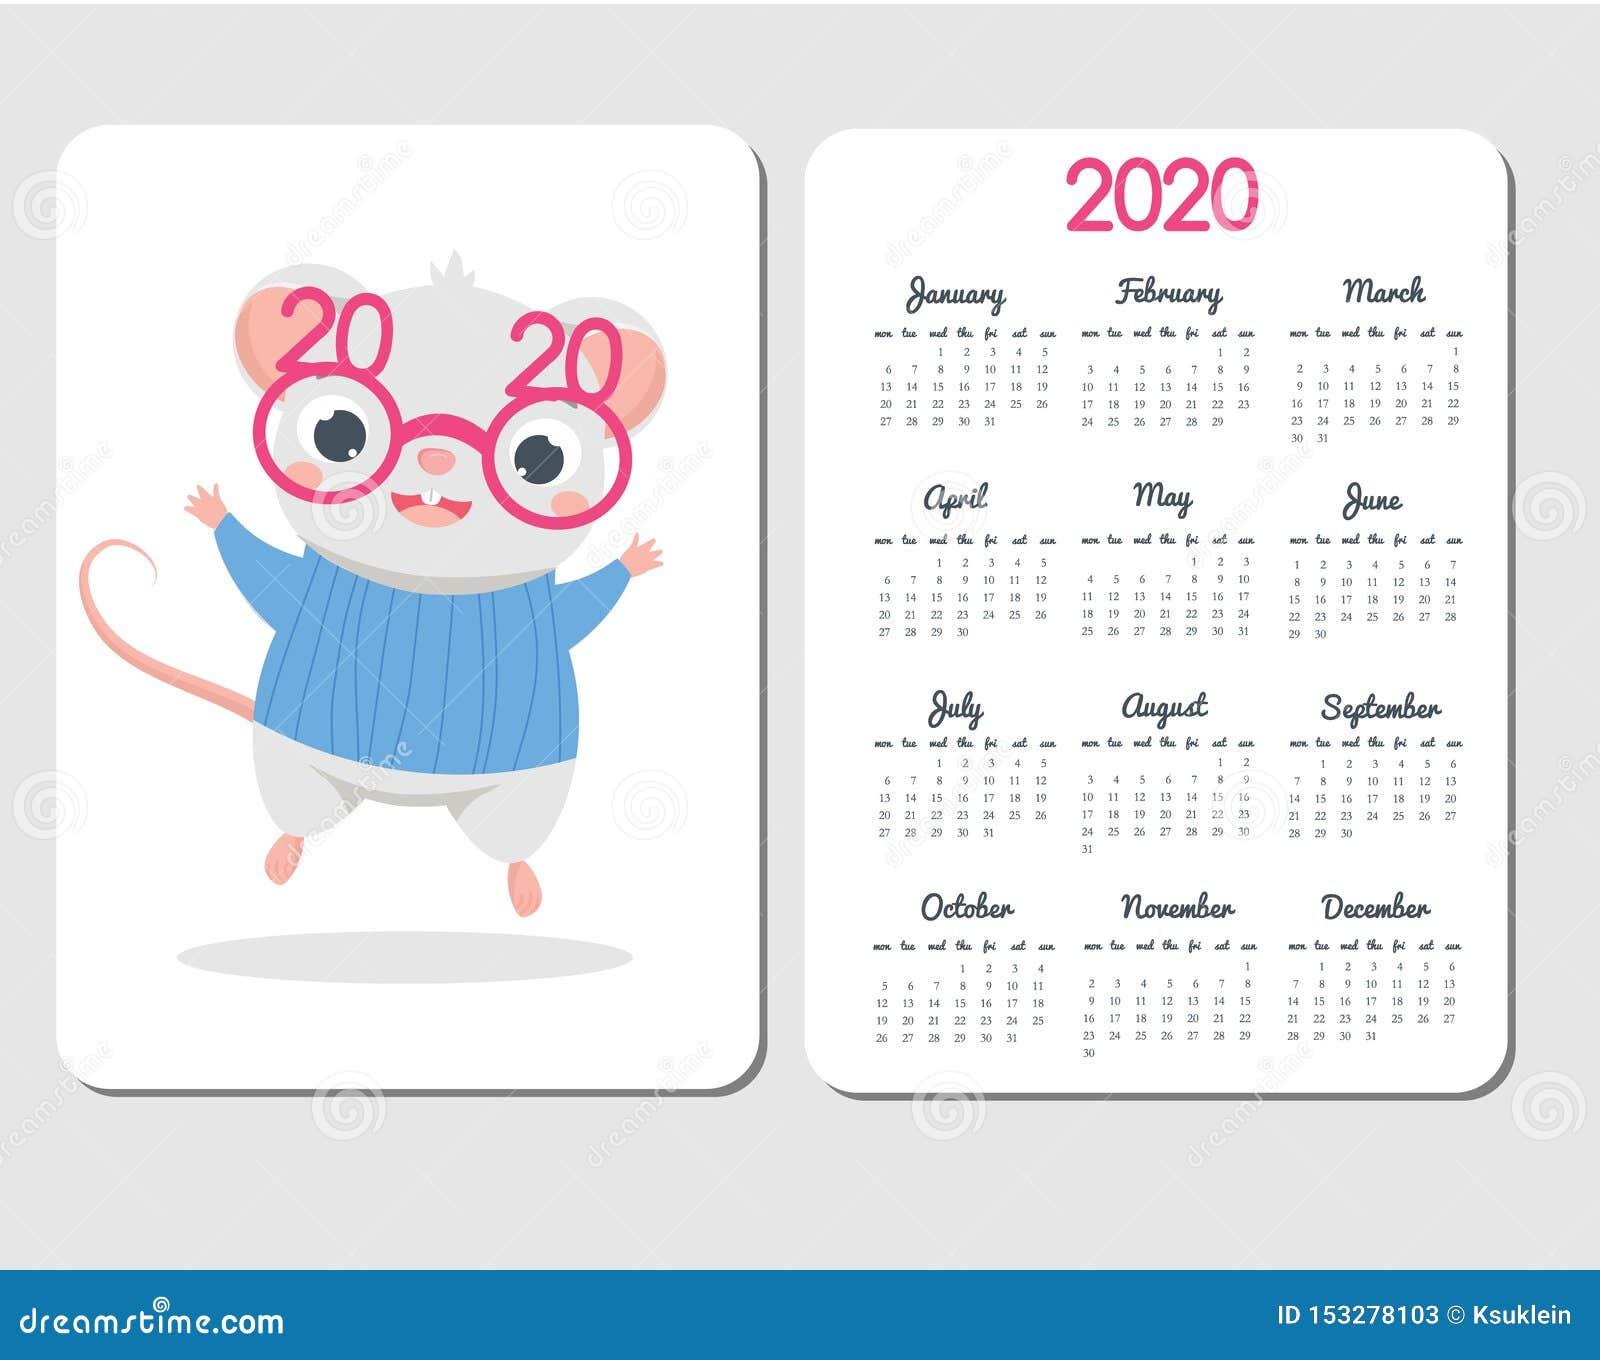 Molde 2020 Do Calendario Com Rato Dos Desenhos Animados Projeto